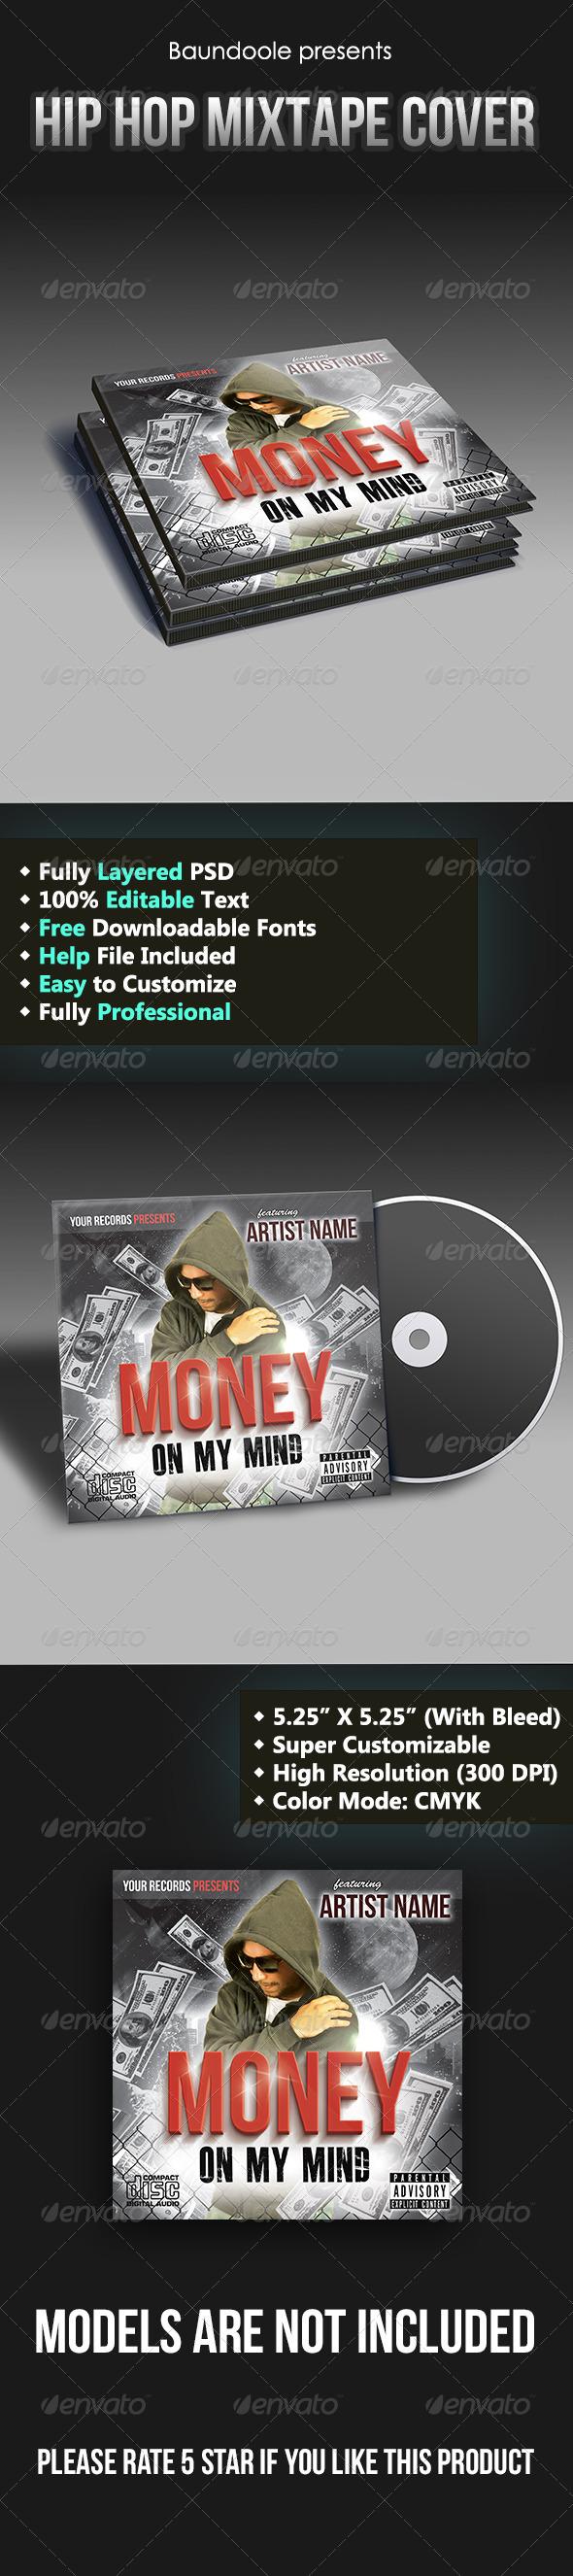 GraphicRiver Hip Hop Mixtape Cover Template 6663523